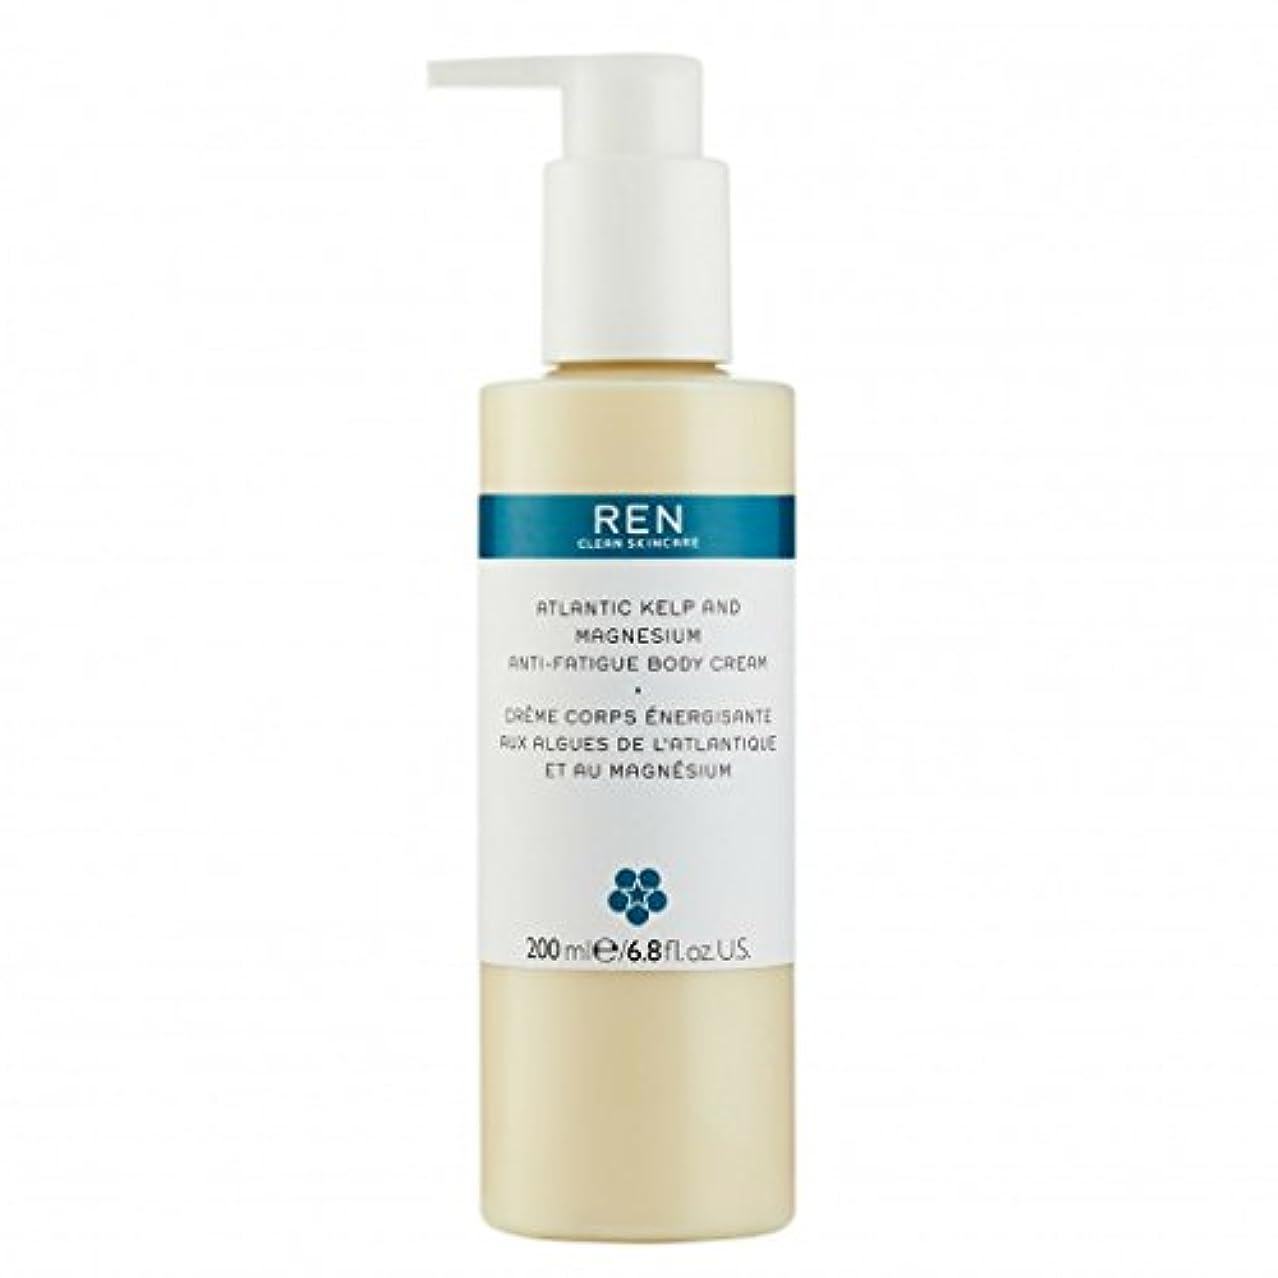 ハム不良品サイレンREN - Atlantic Kelp And Magnesium Anti-Fatigue Body Cream